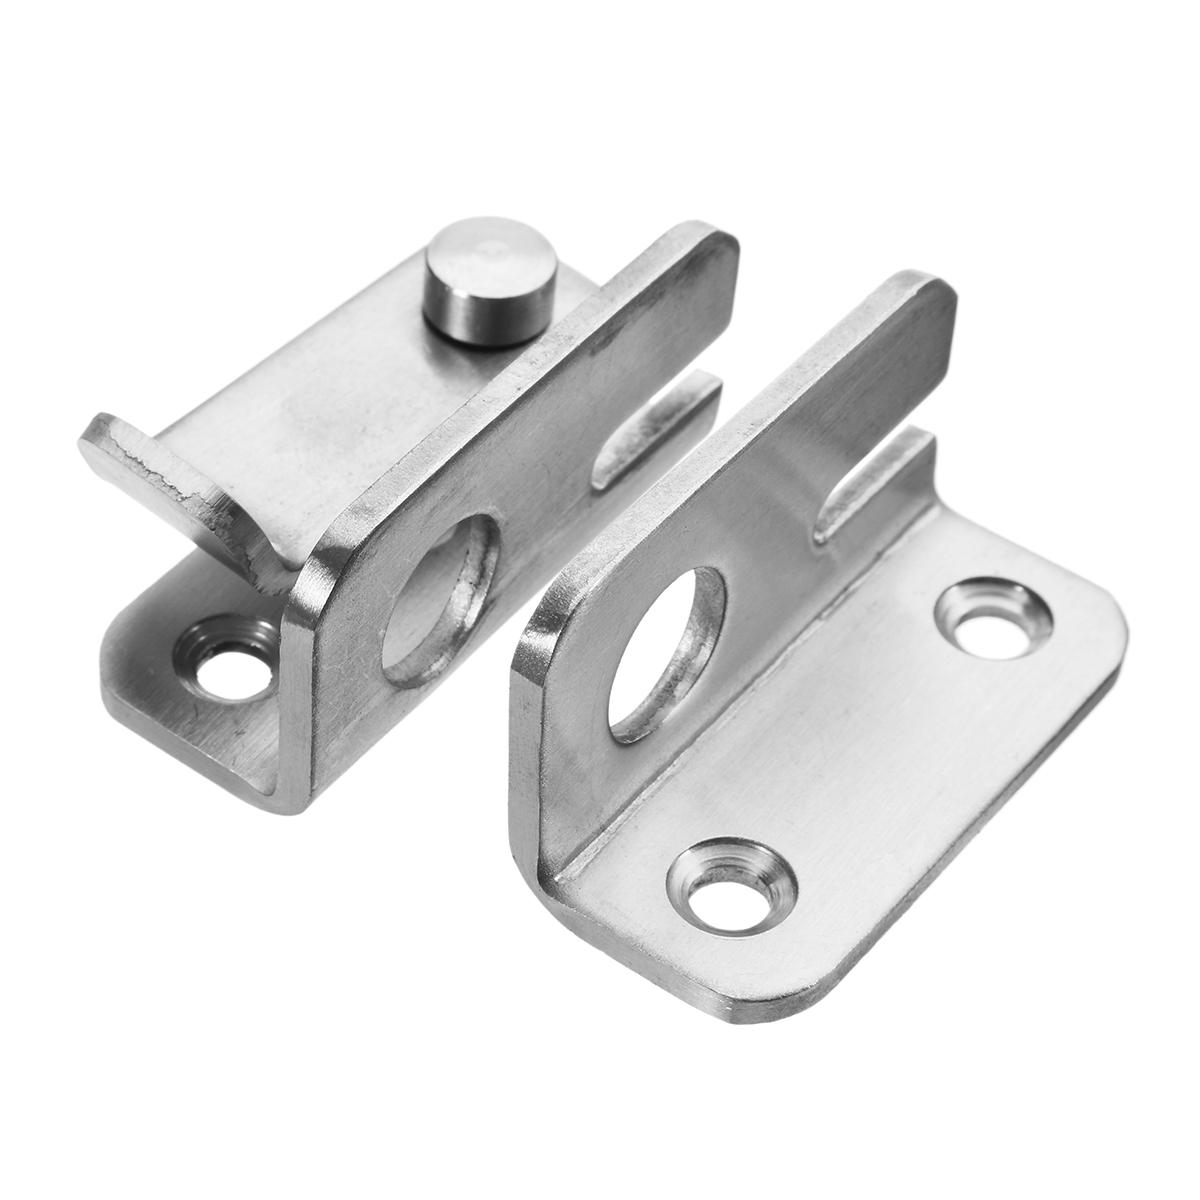 Stainless Steel Sliding Lock Heavy Duty Window Door Gate